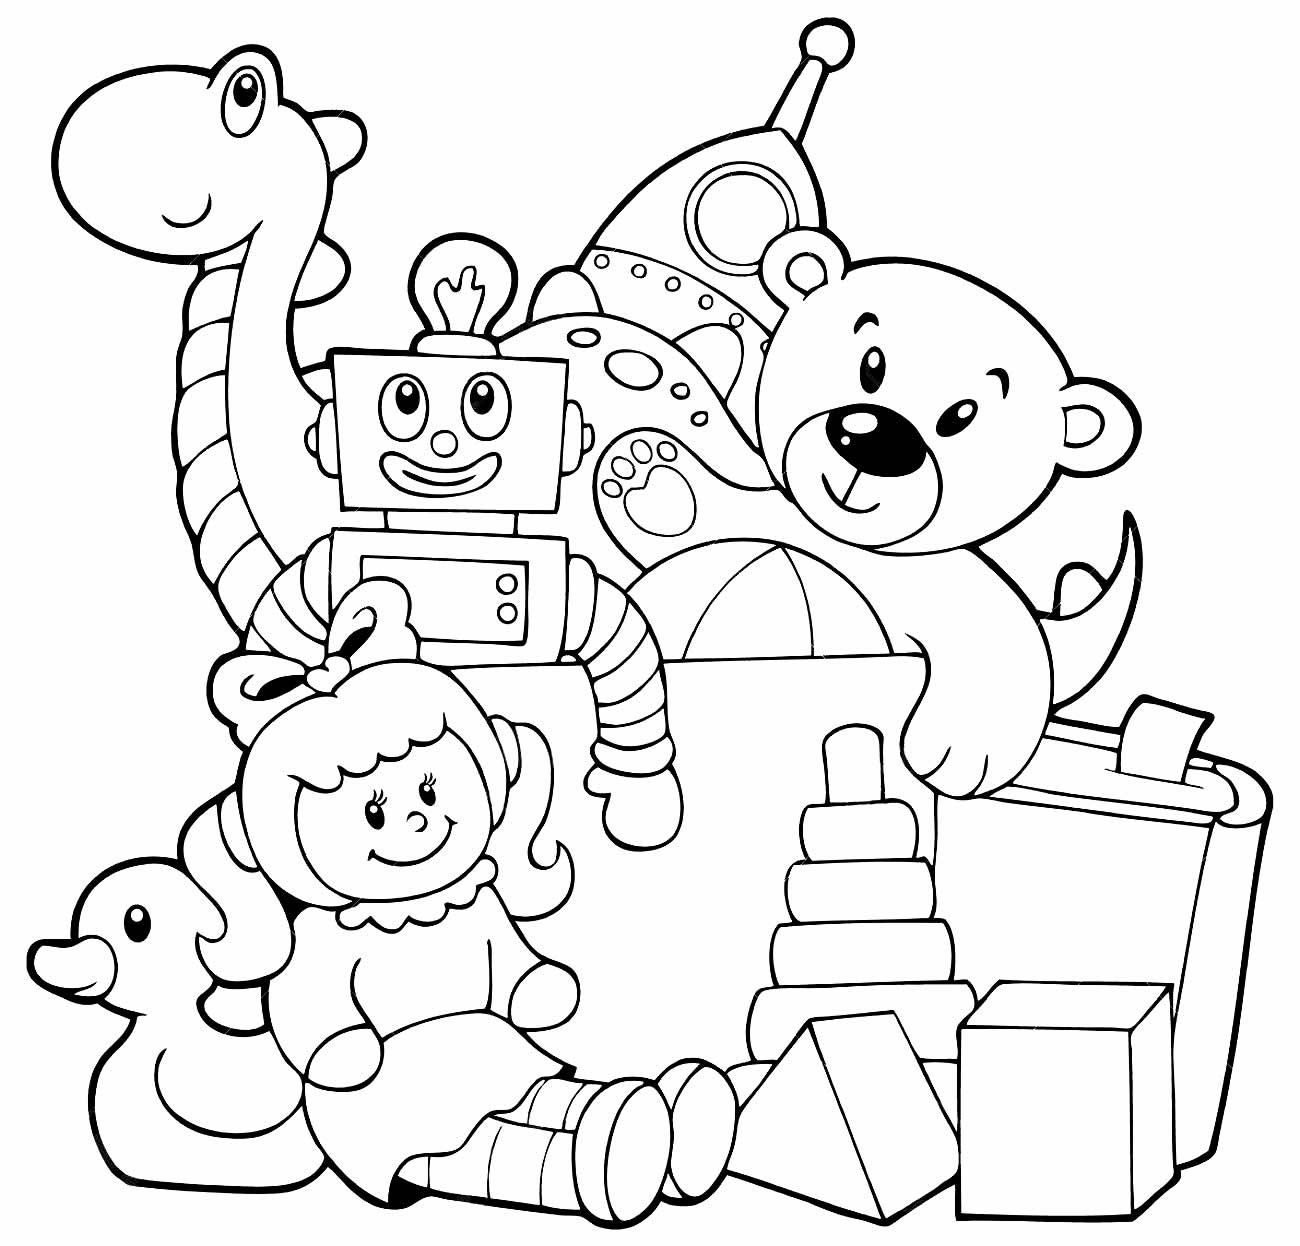 Desenho de brinquedo para colorir